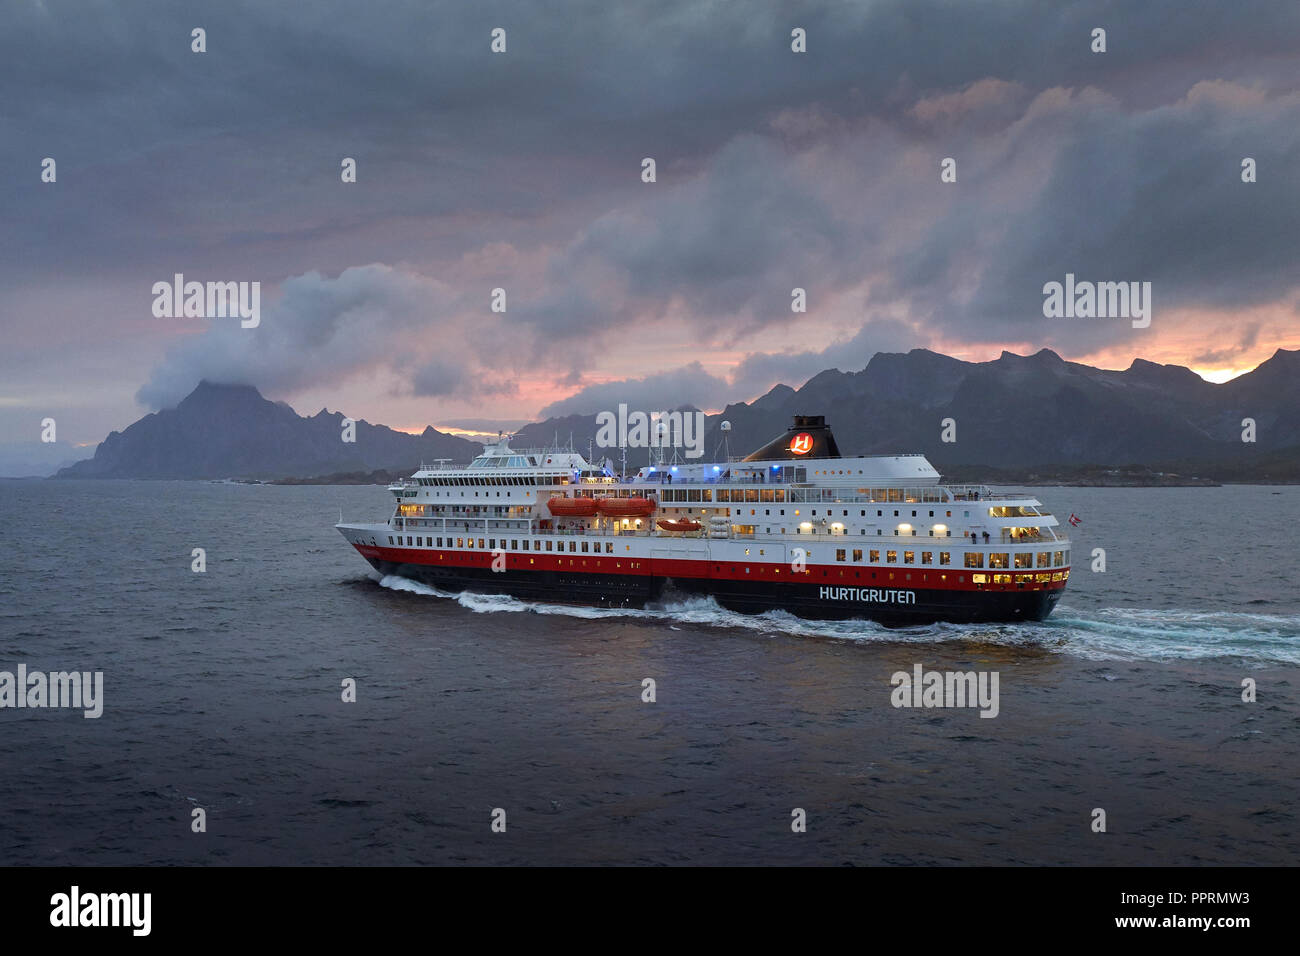 Il traghetto Hurtigruten, la signora FINNMARKEN, parte sud da Svolvær. Le suggestive montagne delle isole Lofoten e il sole di mezzanotte dietro la Norvegia. Foto Stock